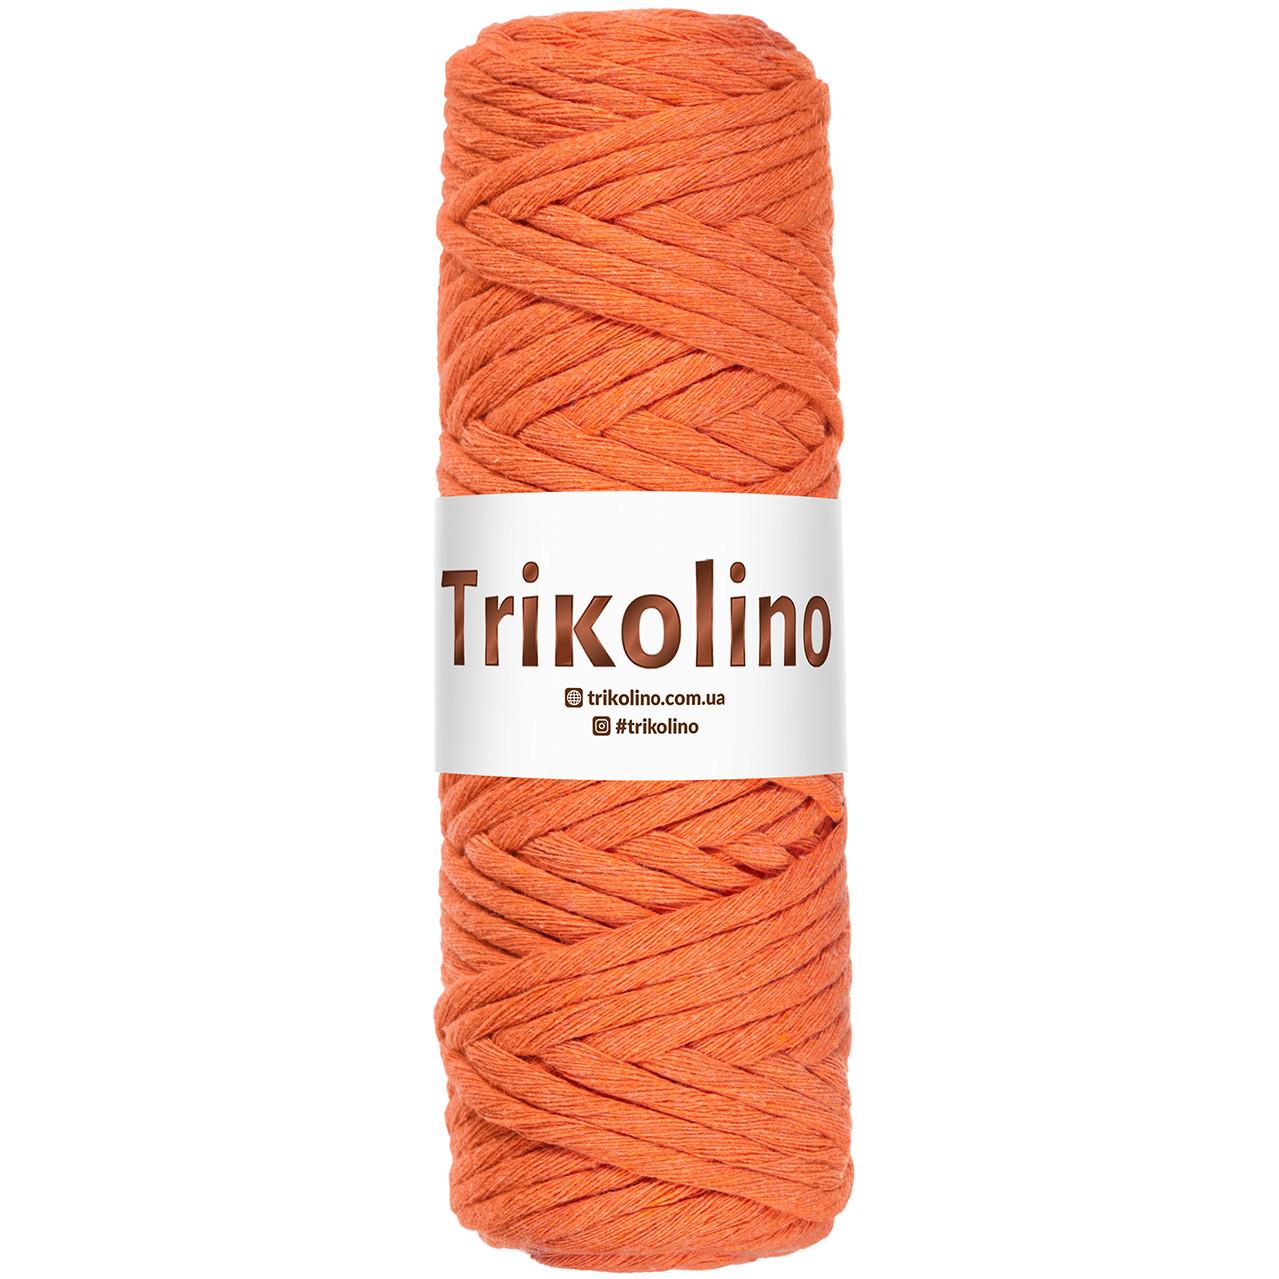 Шнур для макраме Trikolino Оранж 4-6мм